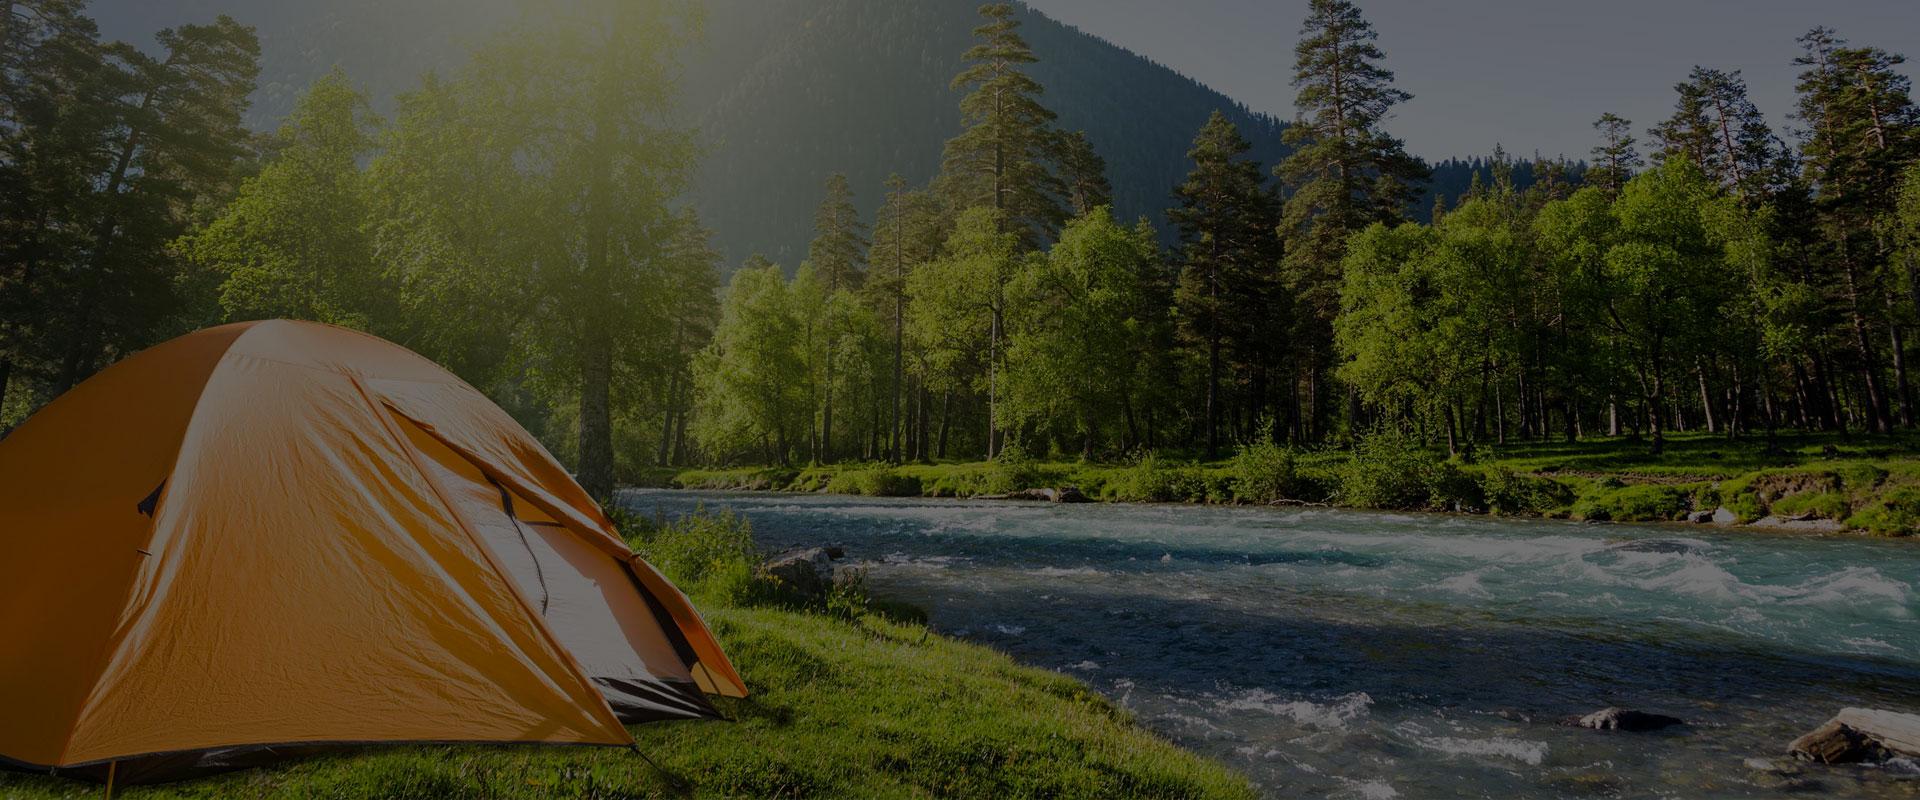 luxury campsites